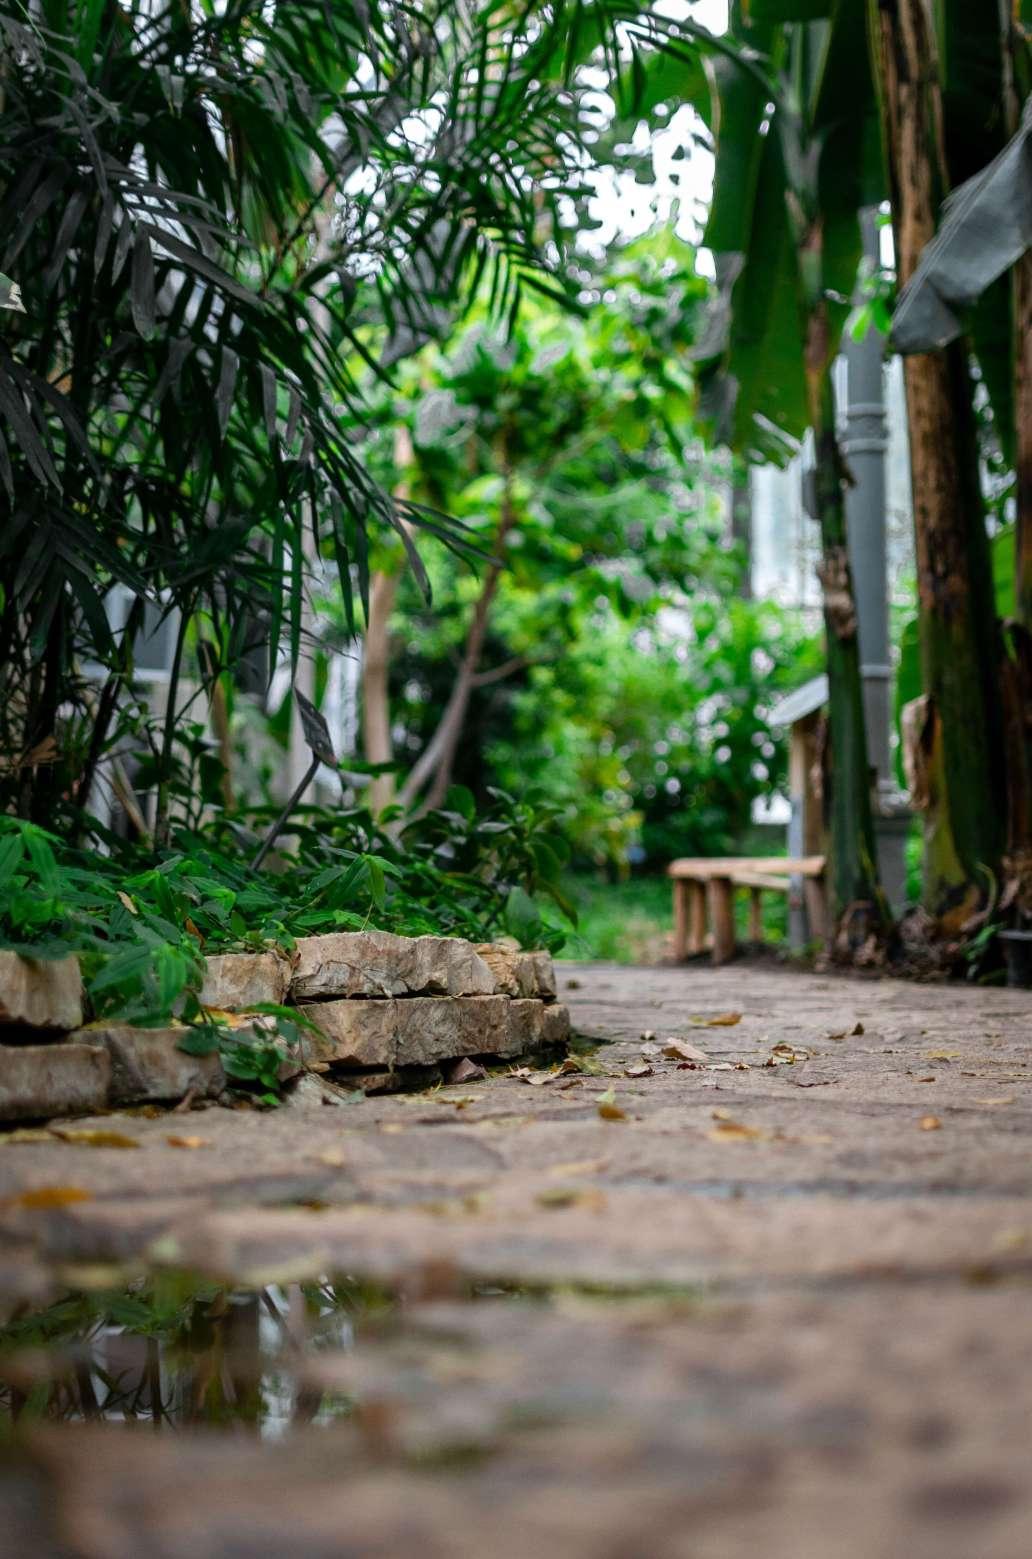 kilyan sockalingum FXmn2BZn2A4 unsplash 2 1356x2048 - Quelques astuces pour bien aménager son jardin